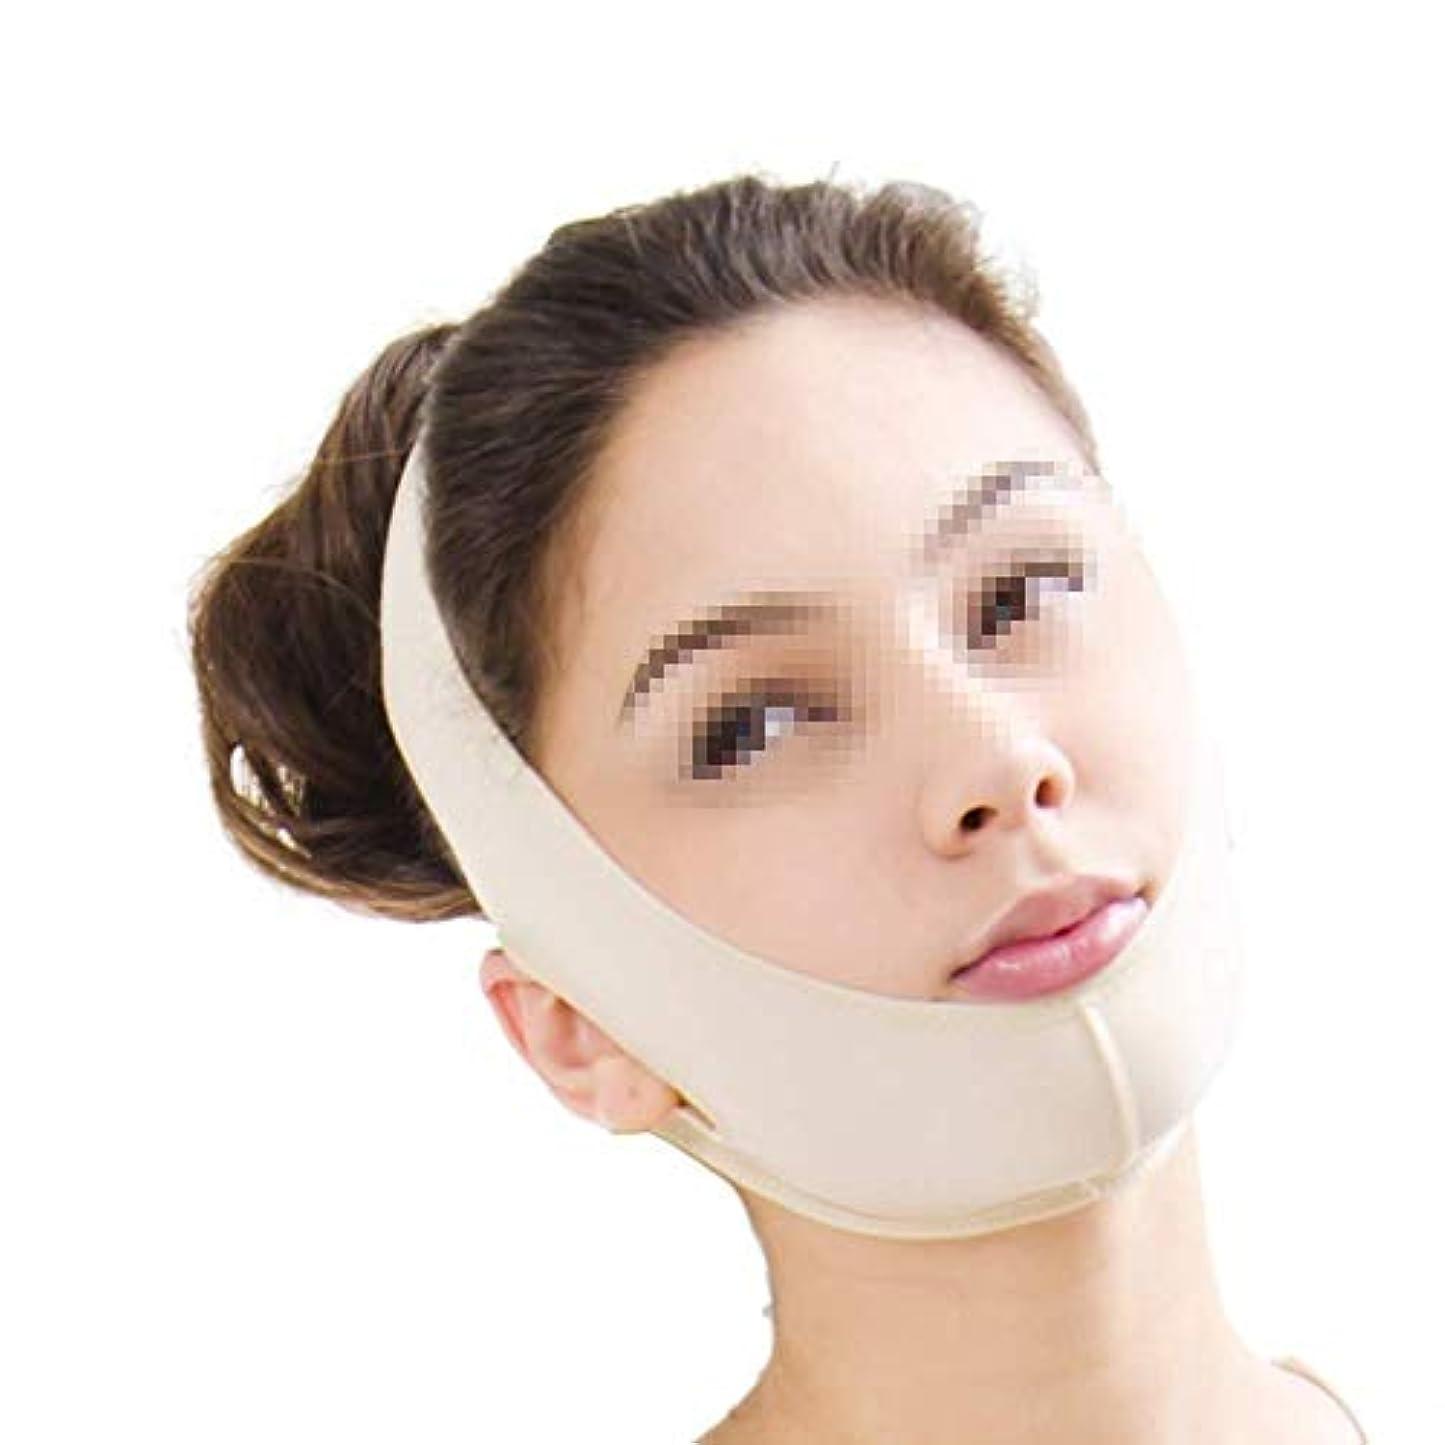 嫉妬さておき焦がすフェイスリフトマスク、圧縮後の顎顔面ダブルチン化粧品脂肪吸引小顔包帯弾性ヘッドギア(サイズ:Xl)